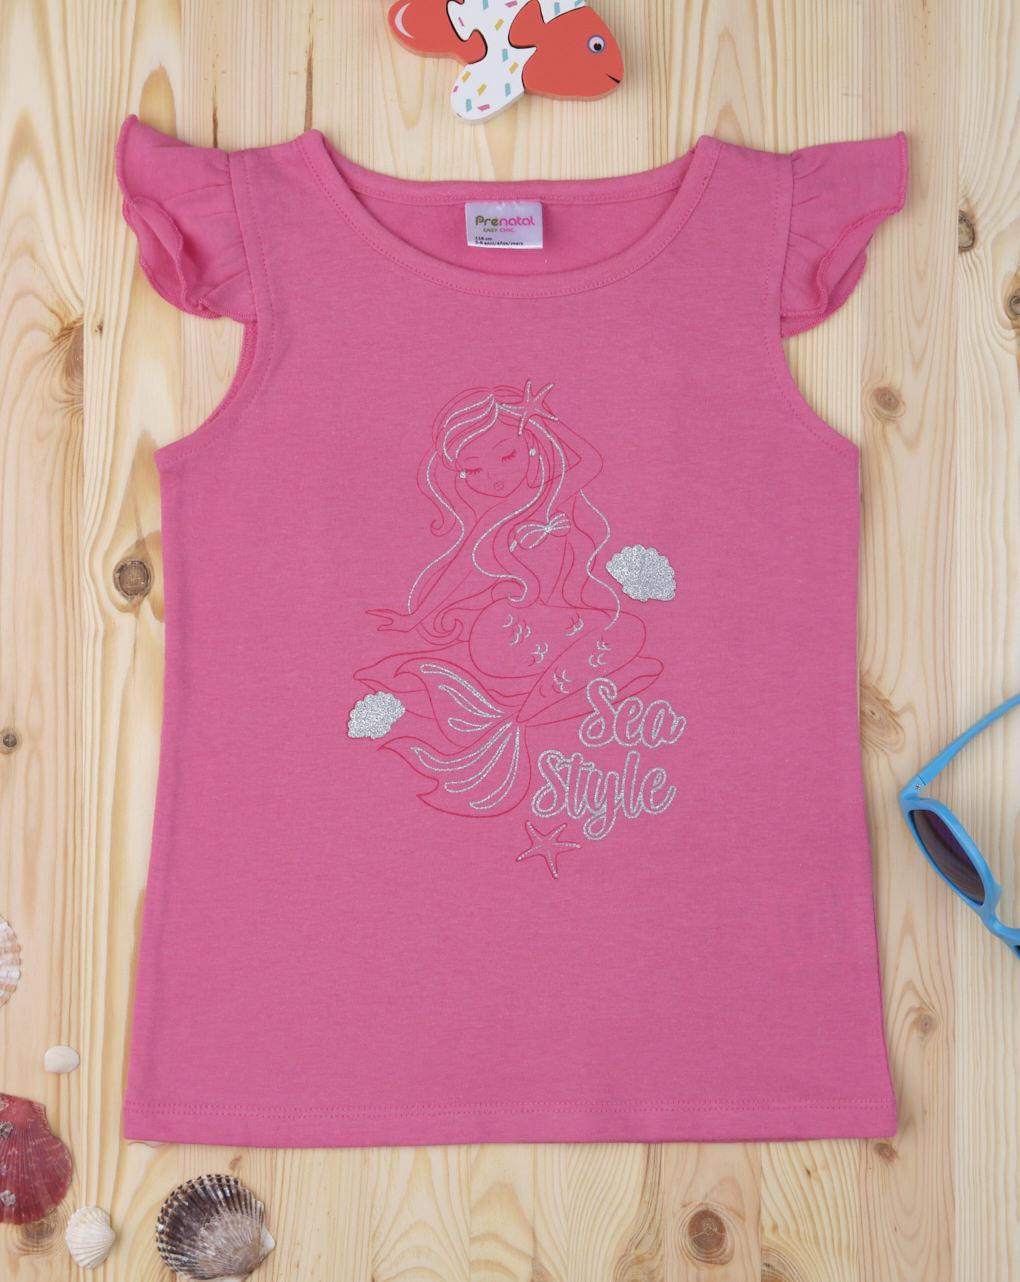 """Camiseta de alças feminina """"estilo marinha sereia"""" - Prénatal"""